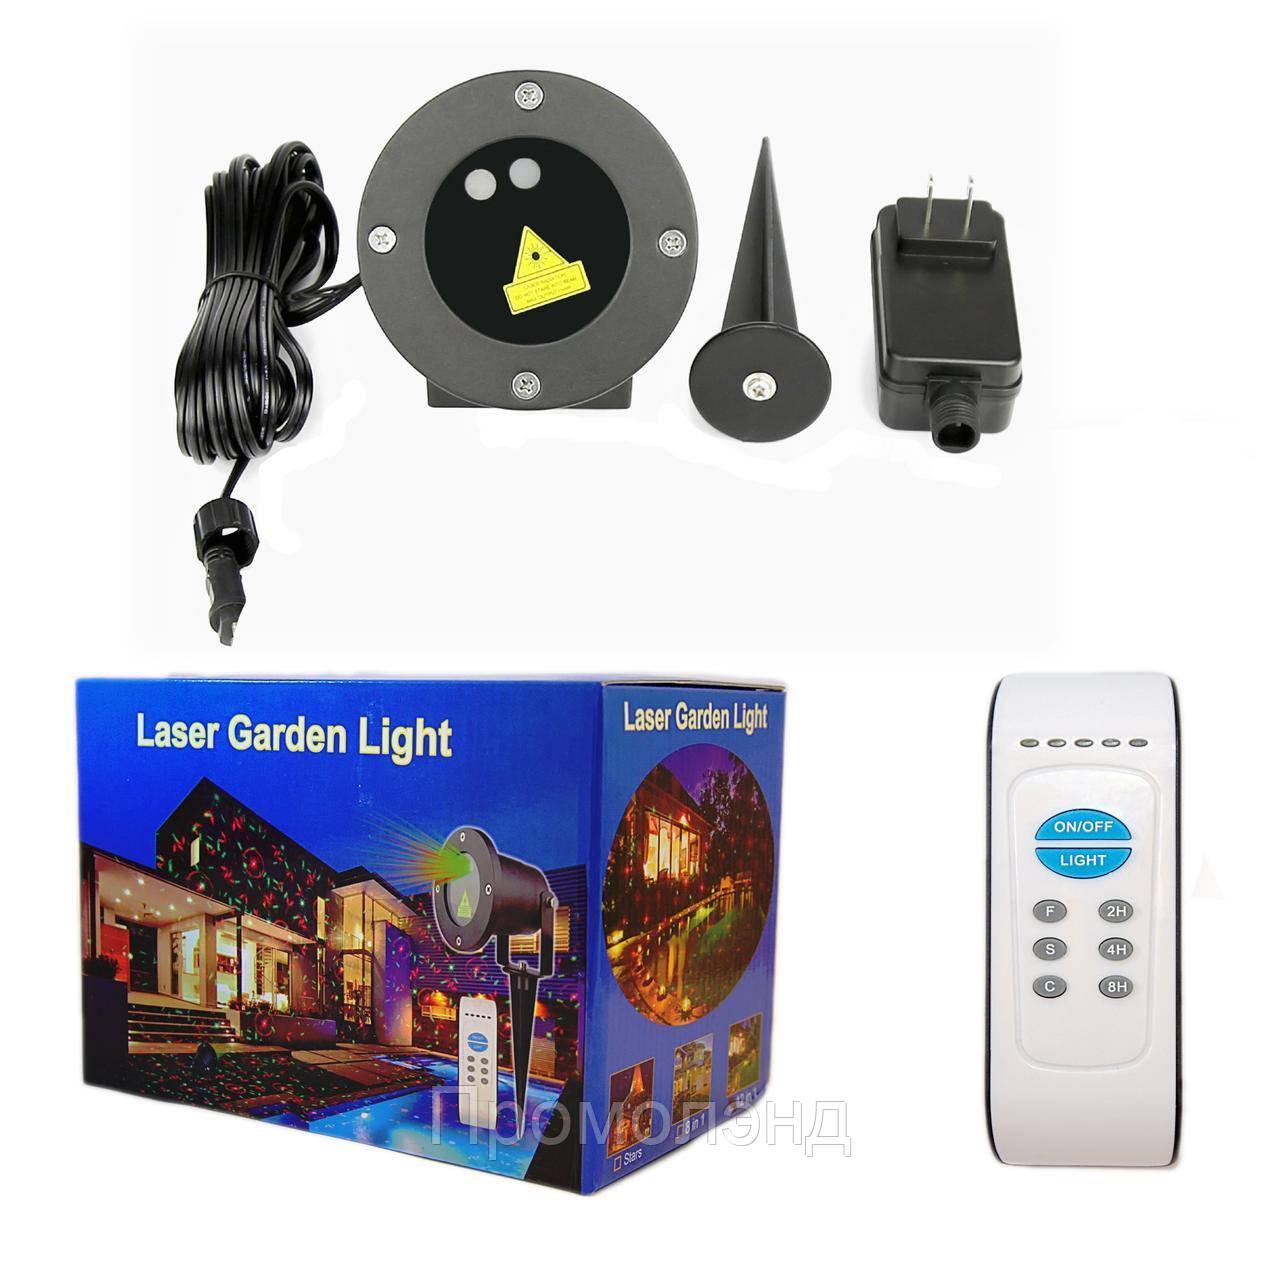 Лазерний проектор RG 8в1 два кольори + пульт